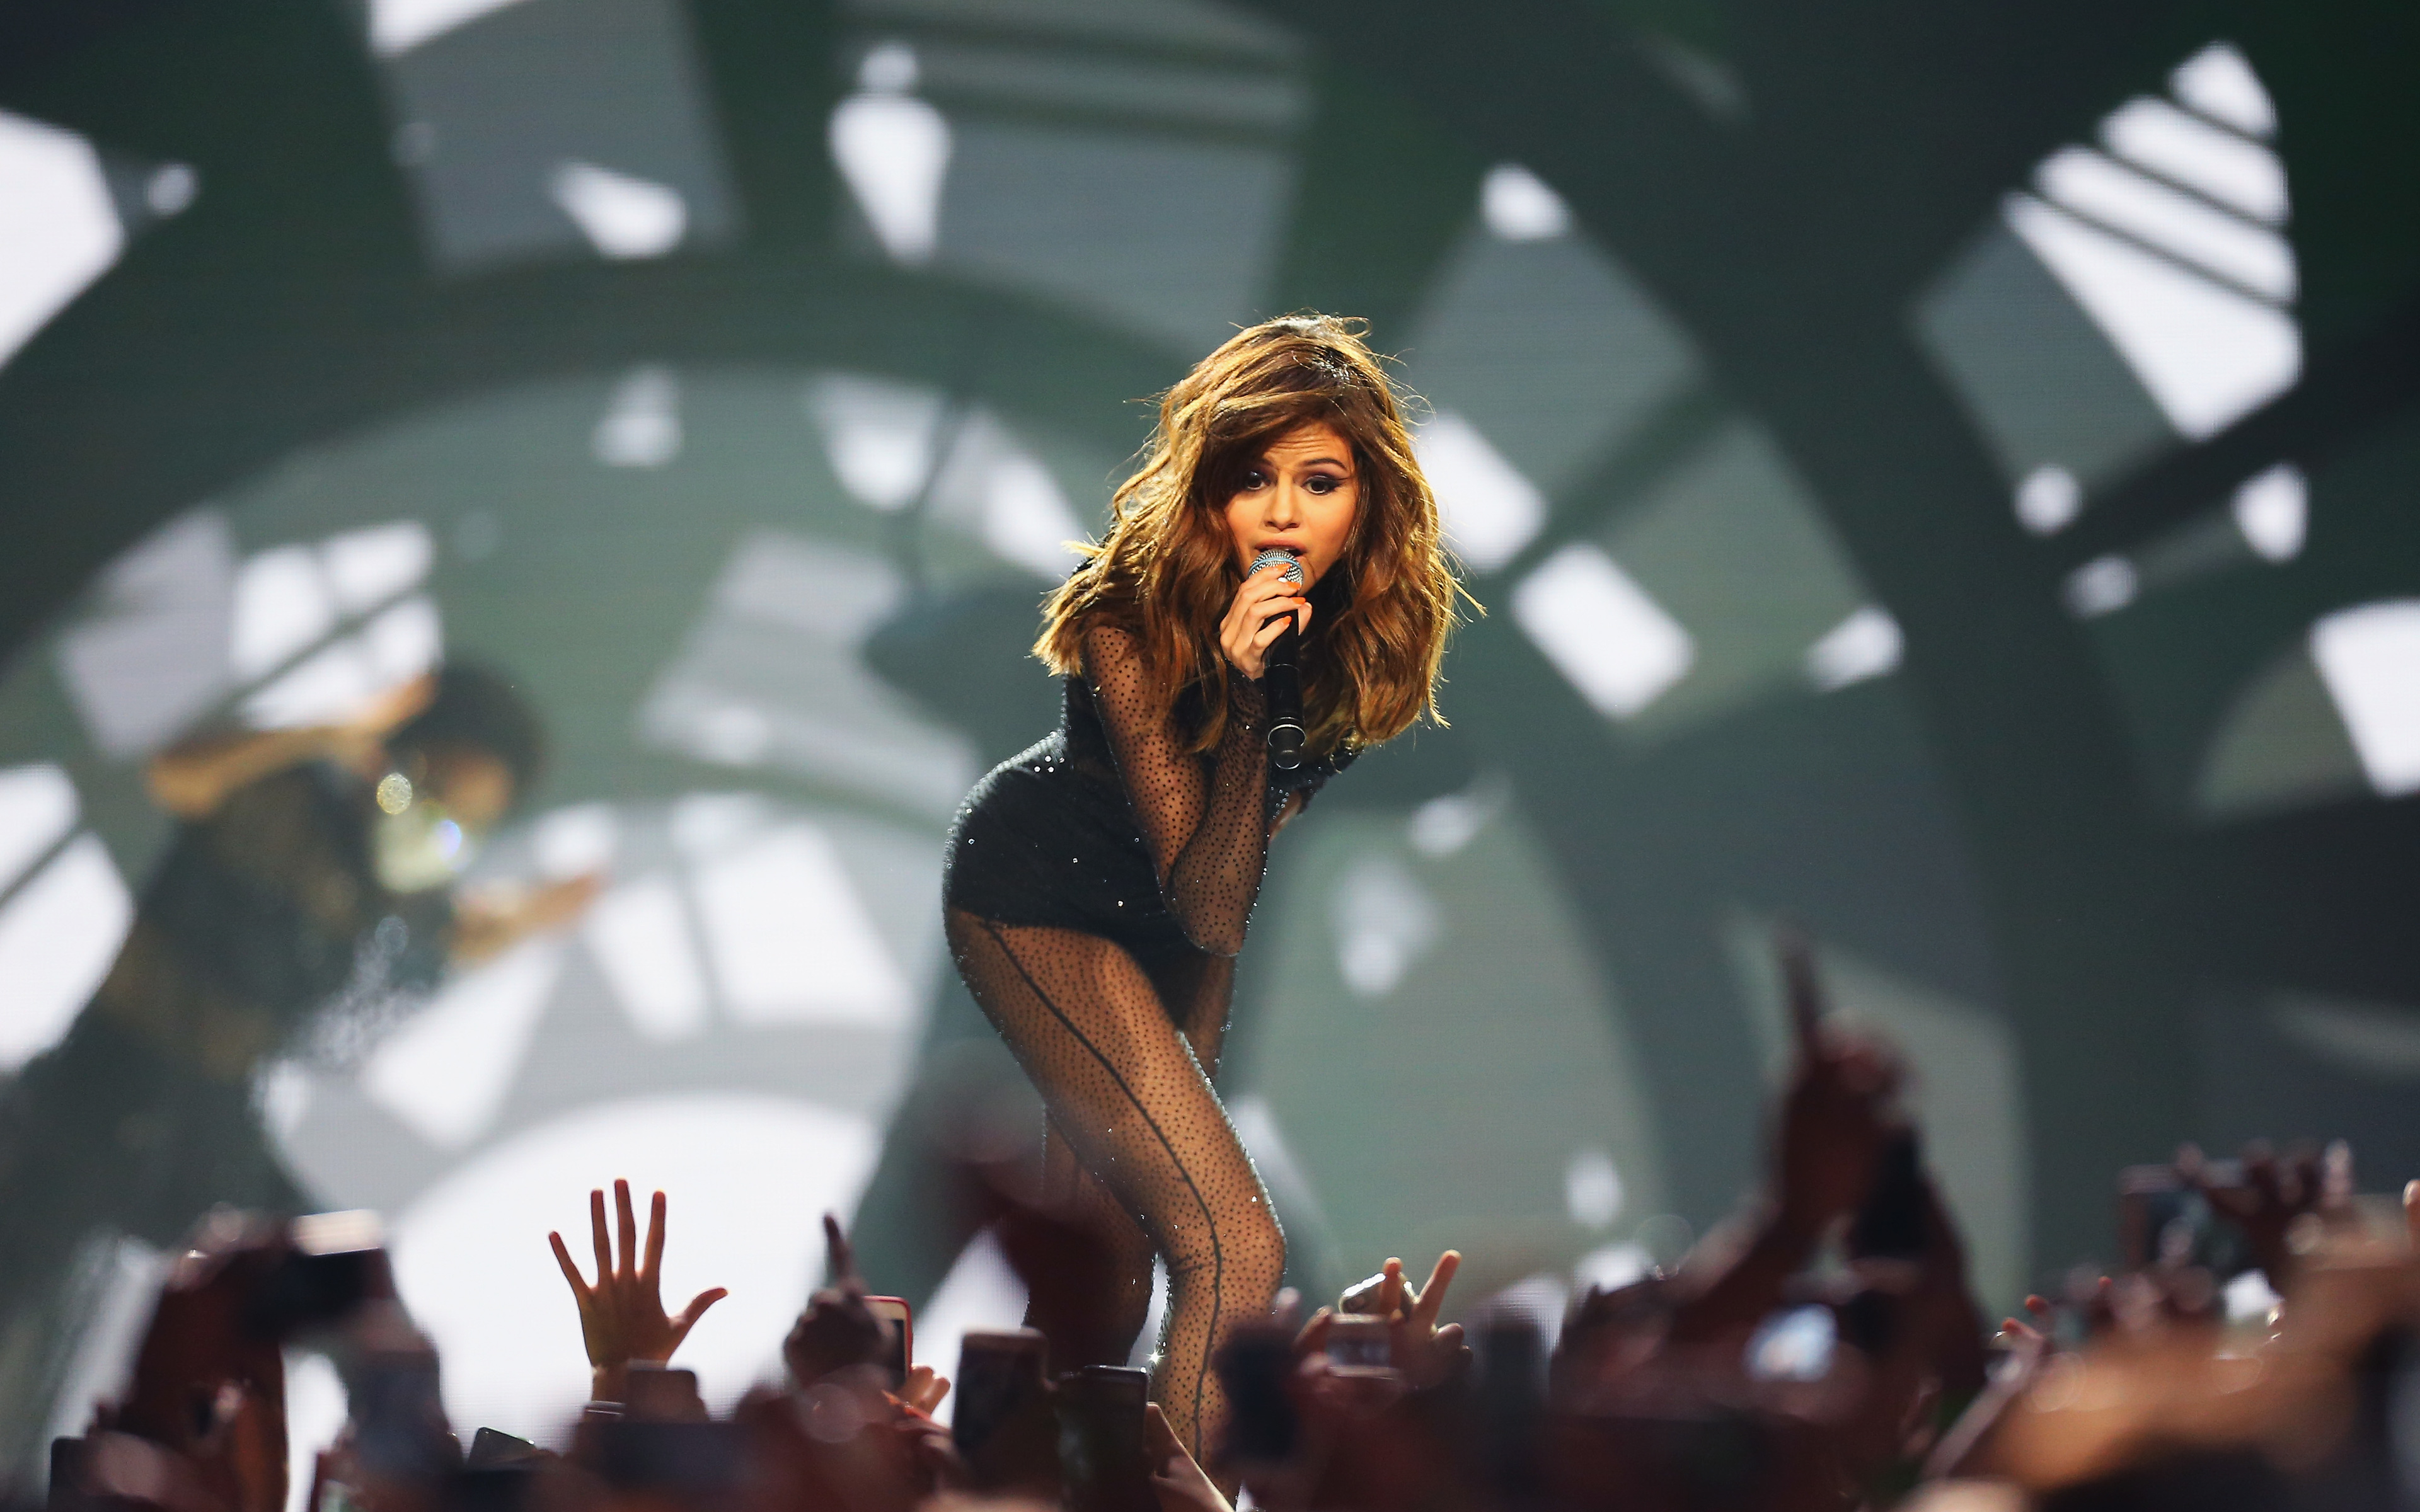 Fondos de pantalla Selena Gomez en escenario